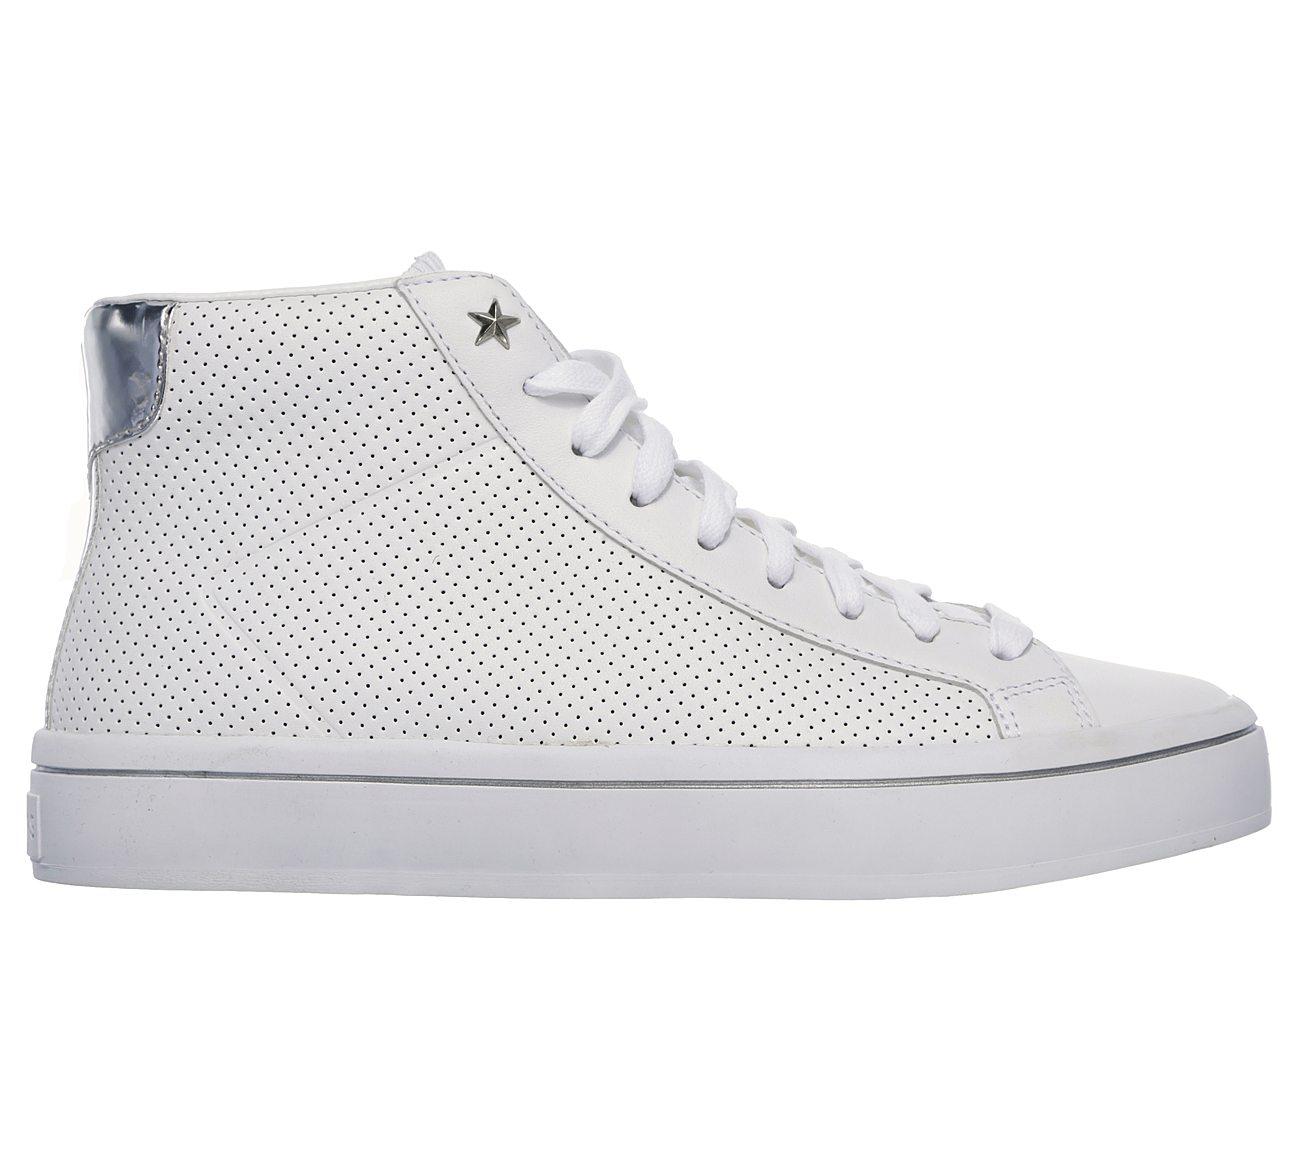 098d2737fb6 Buy SKECHERS Hi-Lite - No Dice SKECHER Street Shoes only 65